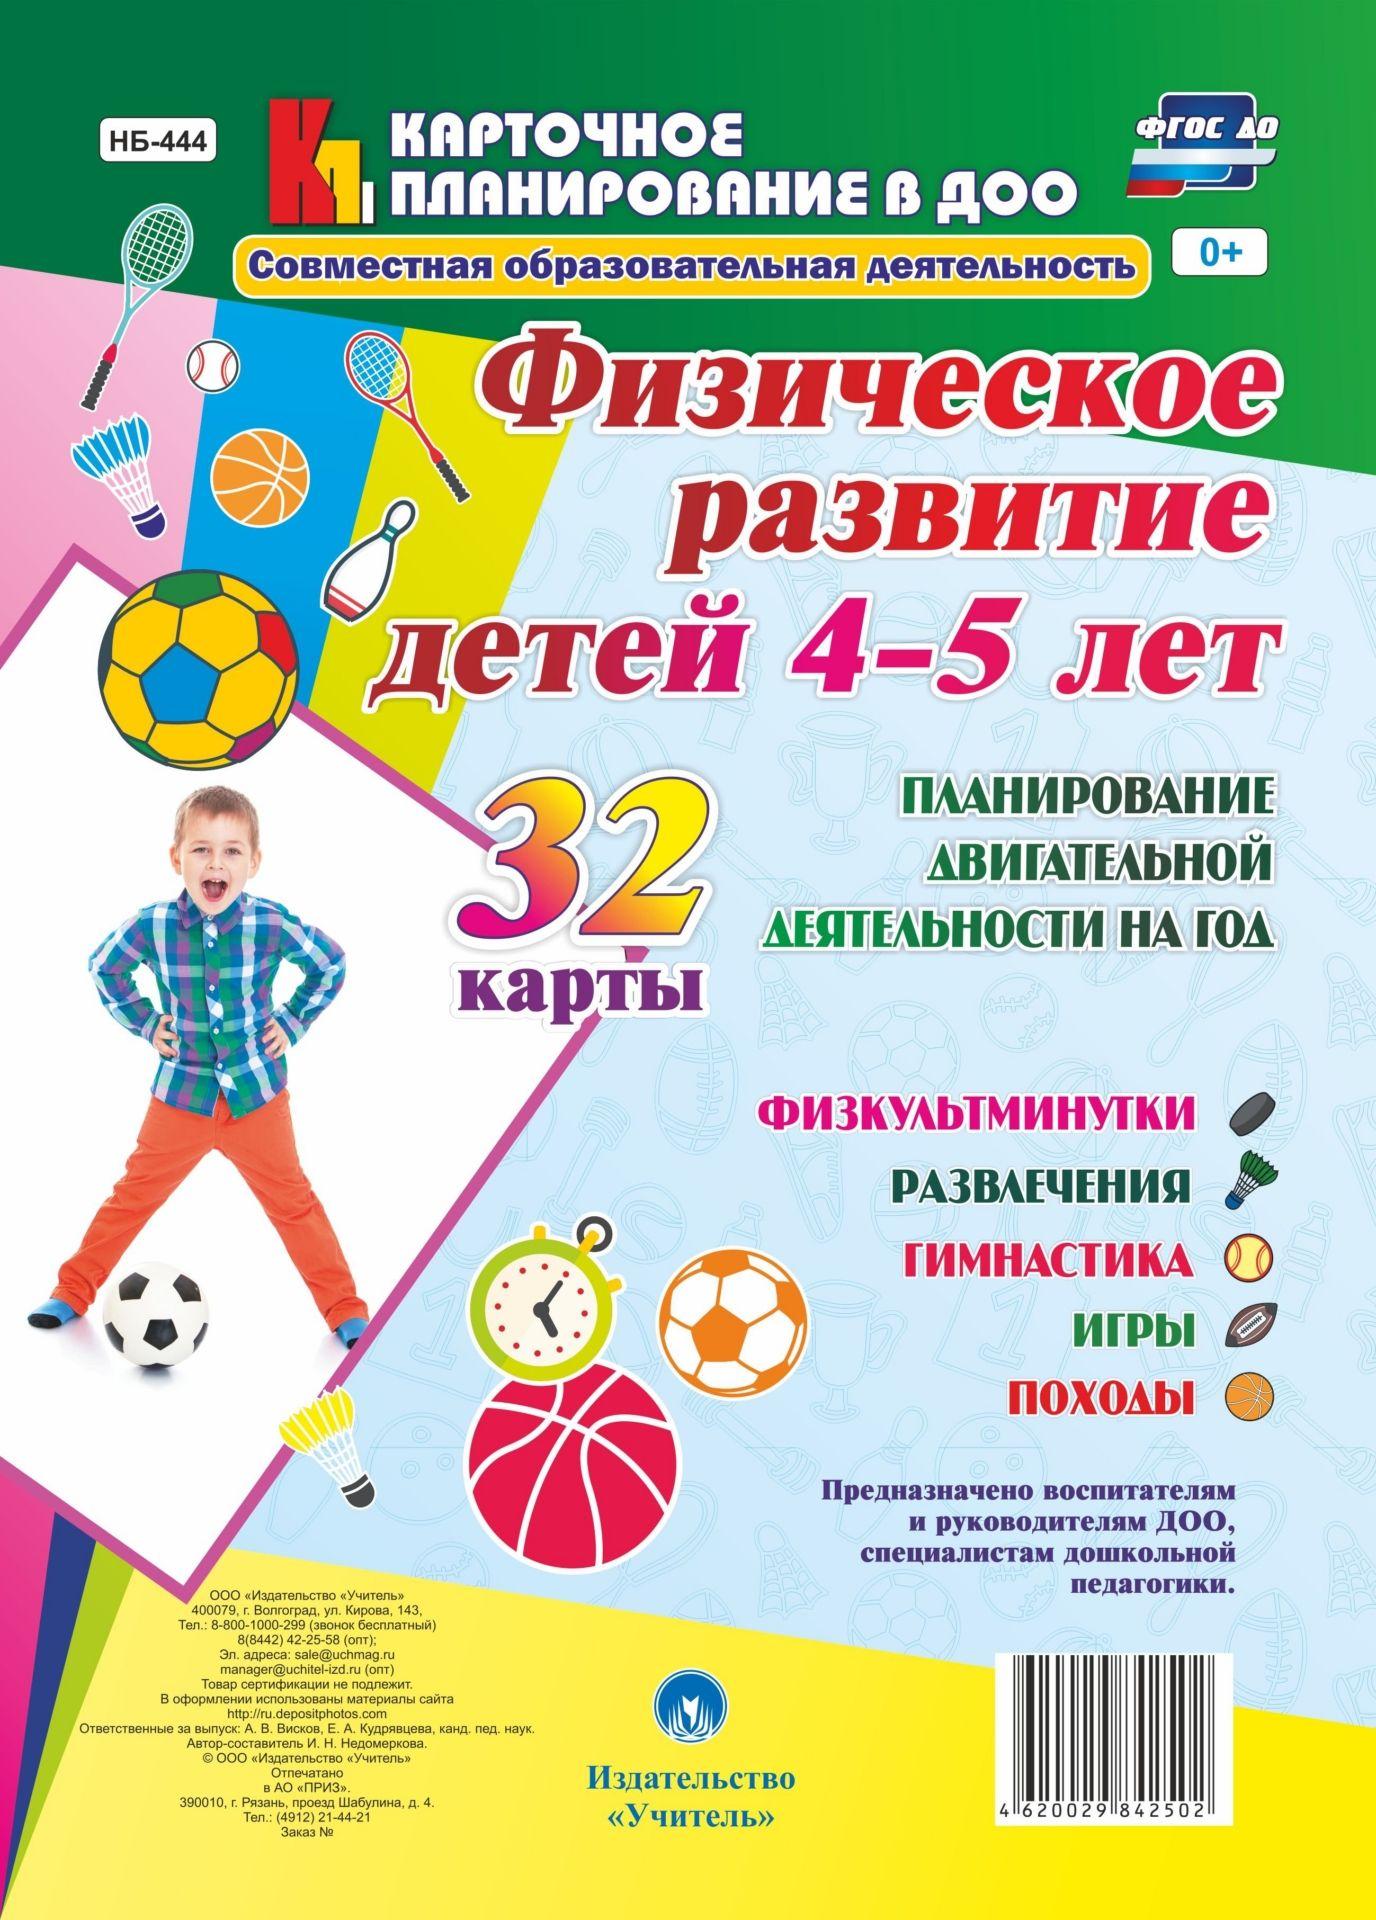 Физическое развитие детей 4-5 лет. Планирование двигательной деятельности на год: игры, гимнастика, физкультминутки, развлечения, походы: 32 карты